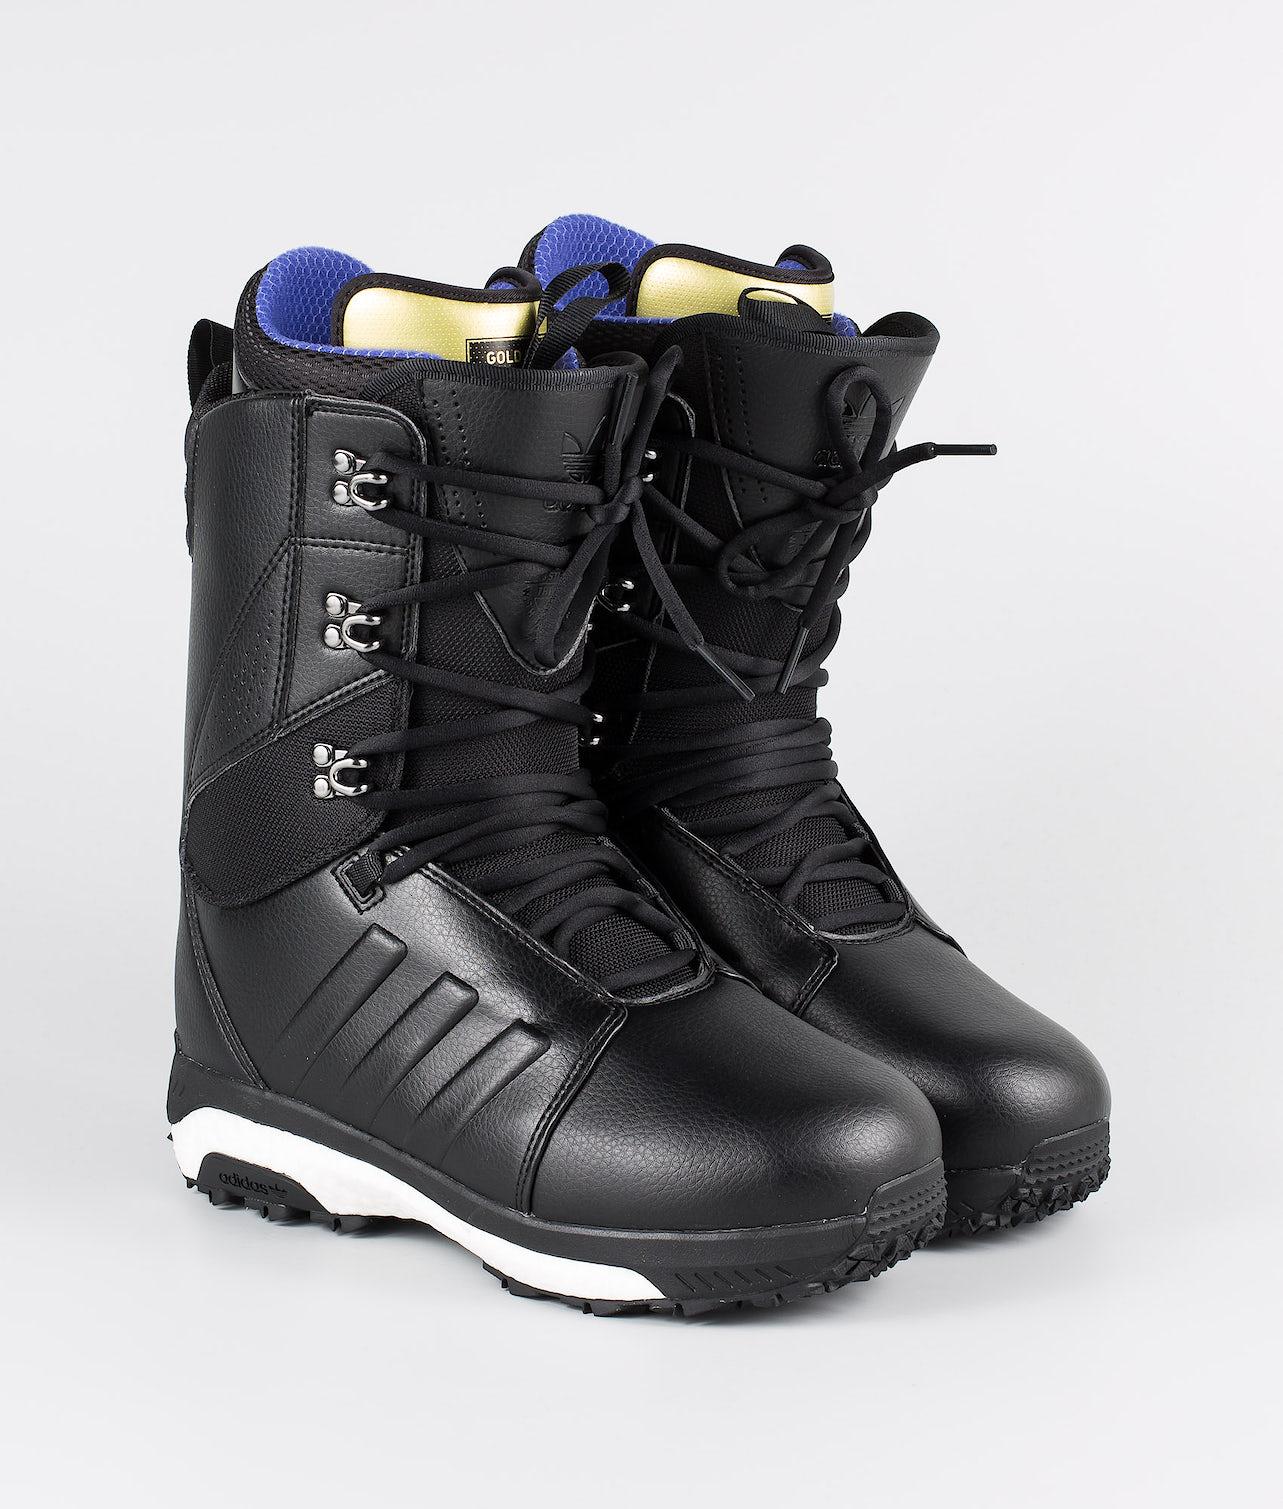 Kaufe Tactical Adv Schuhe von Adidas Snowboarding bei Ridestore.de - Kostenloser, schneller Versand & Rückversand.